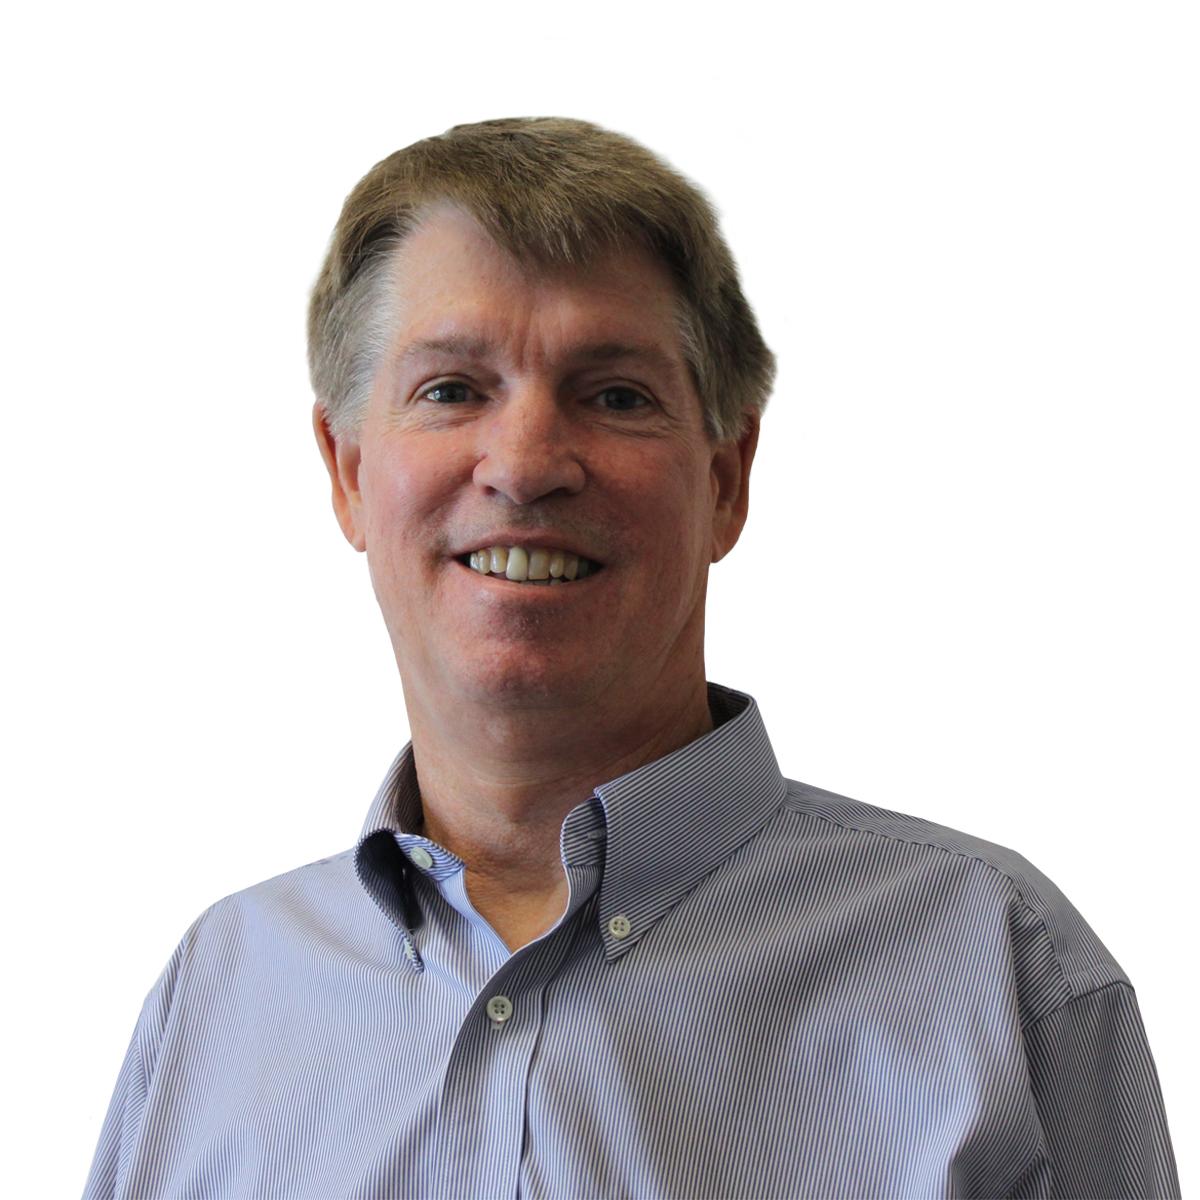 Patrick Higgins 2019 sin antecedentes